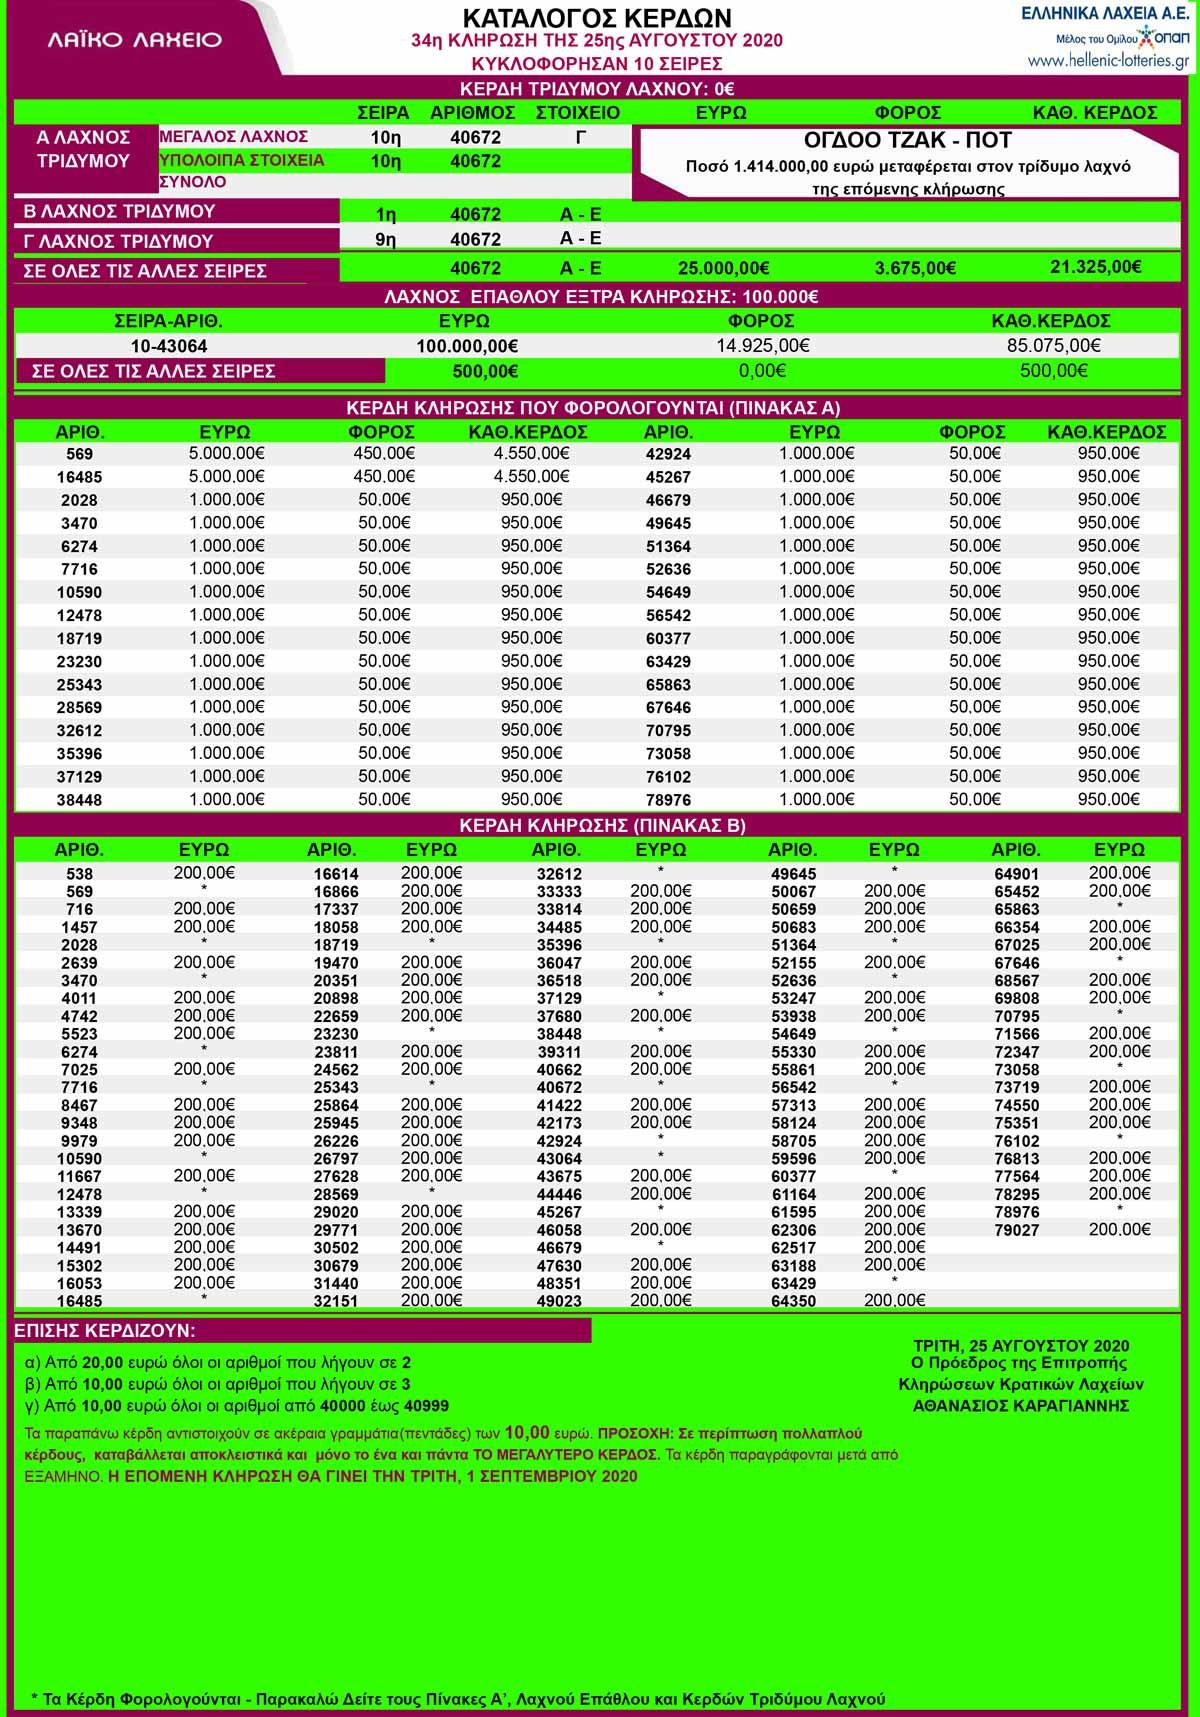 αποτελεσματα-λαικο-λαχειο-25-08-2020-λαικο-κληρωση-34-